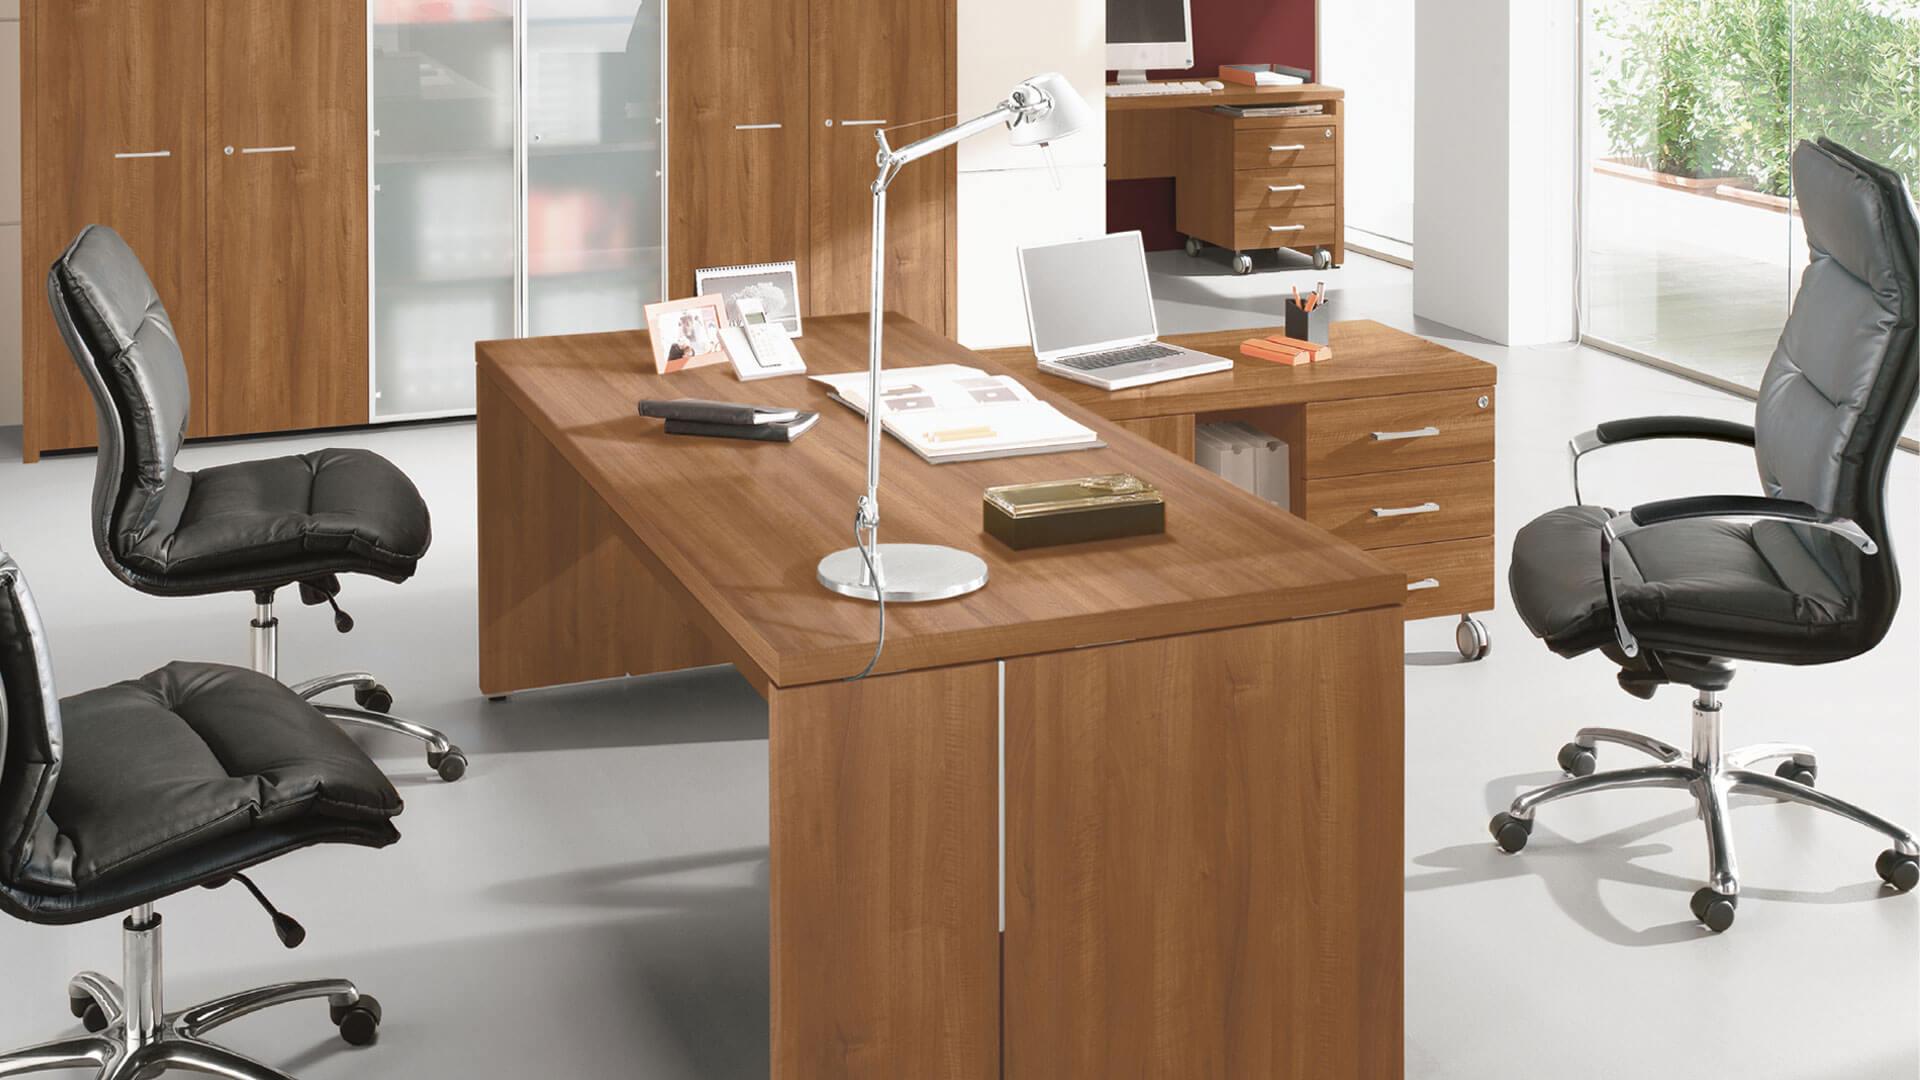 Pml office mobili per ufficio produzione e vendita mobili e arredi ufficio. Delta Evo Mobili Per Ufficio Giannone Computers